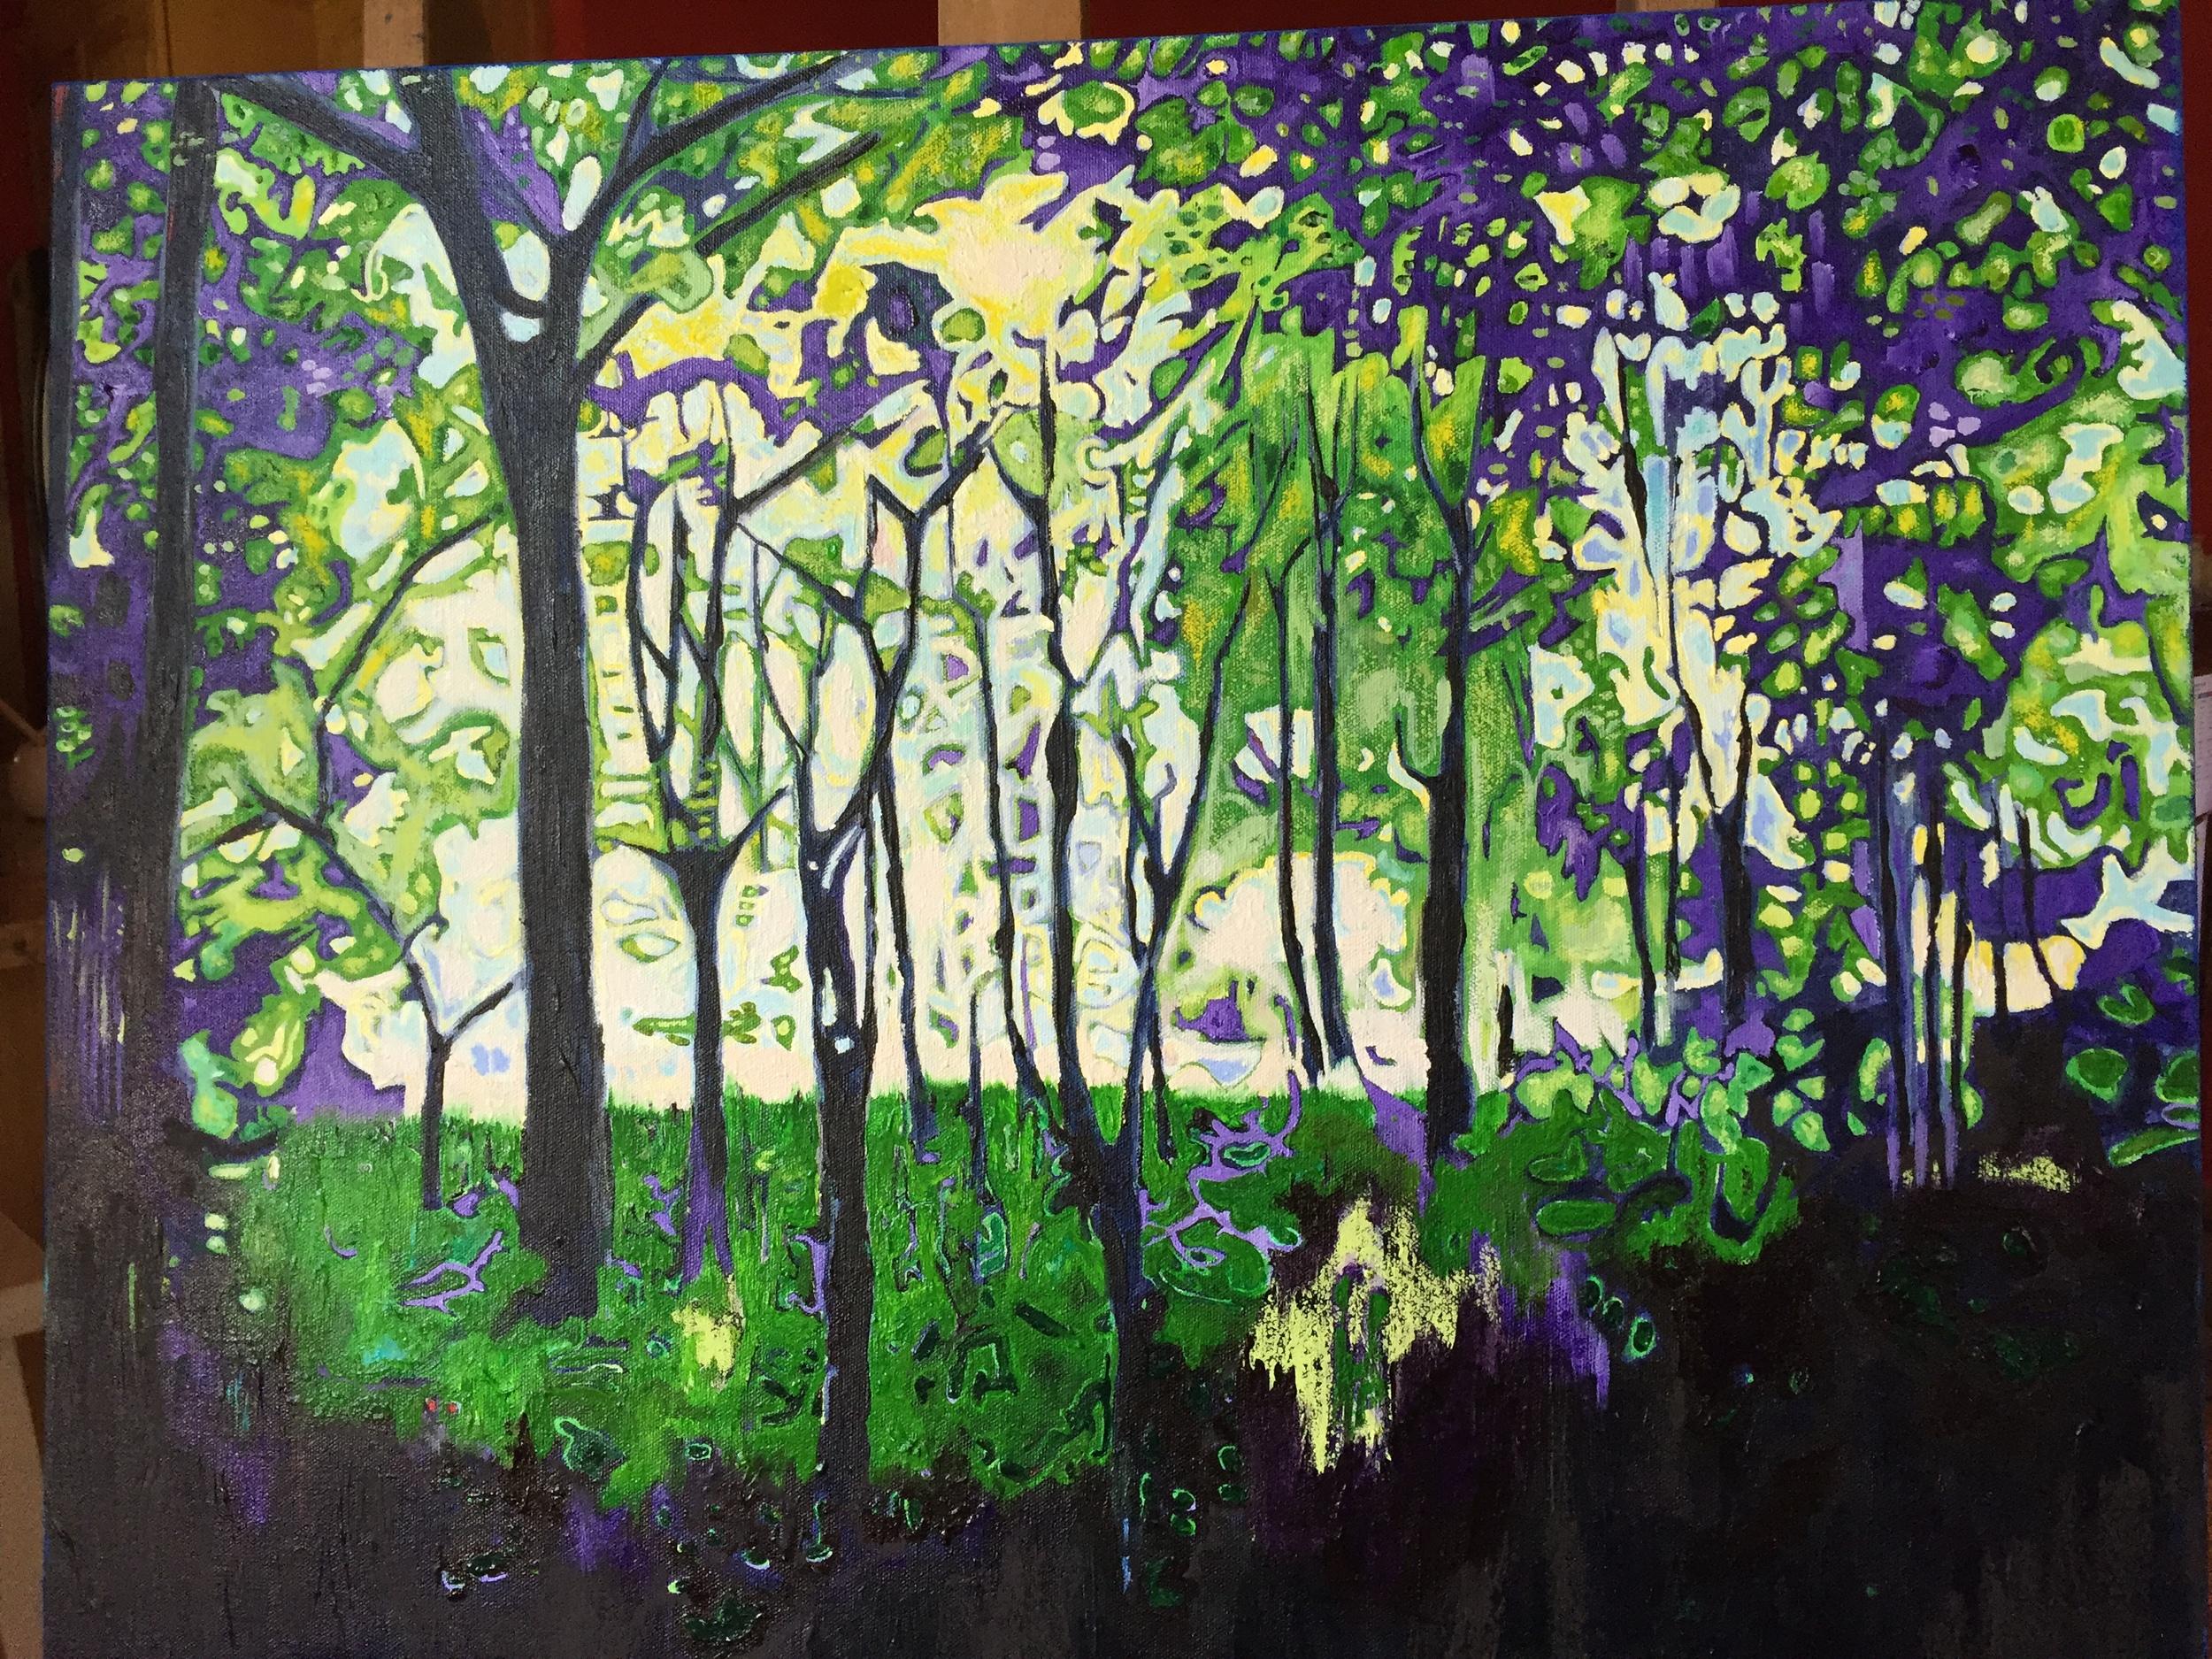 22x18 acrylic on canvas